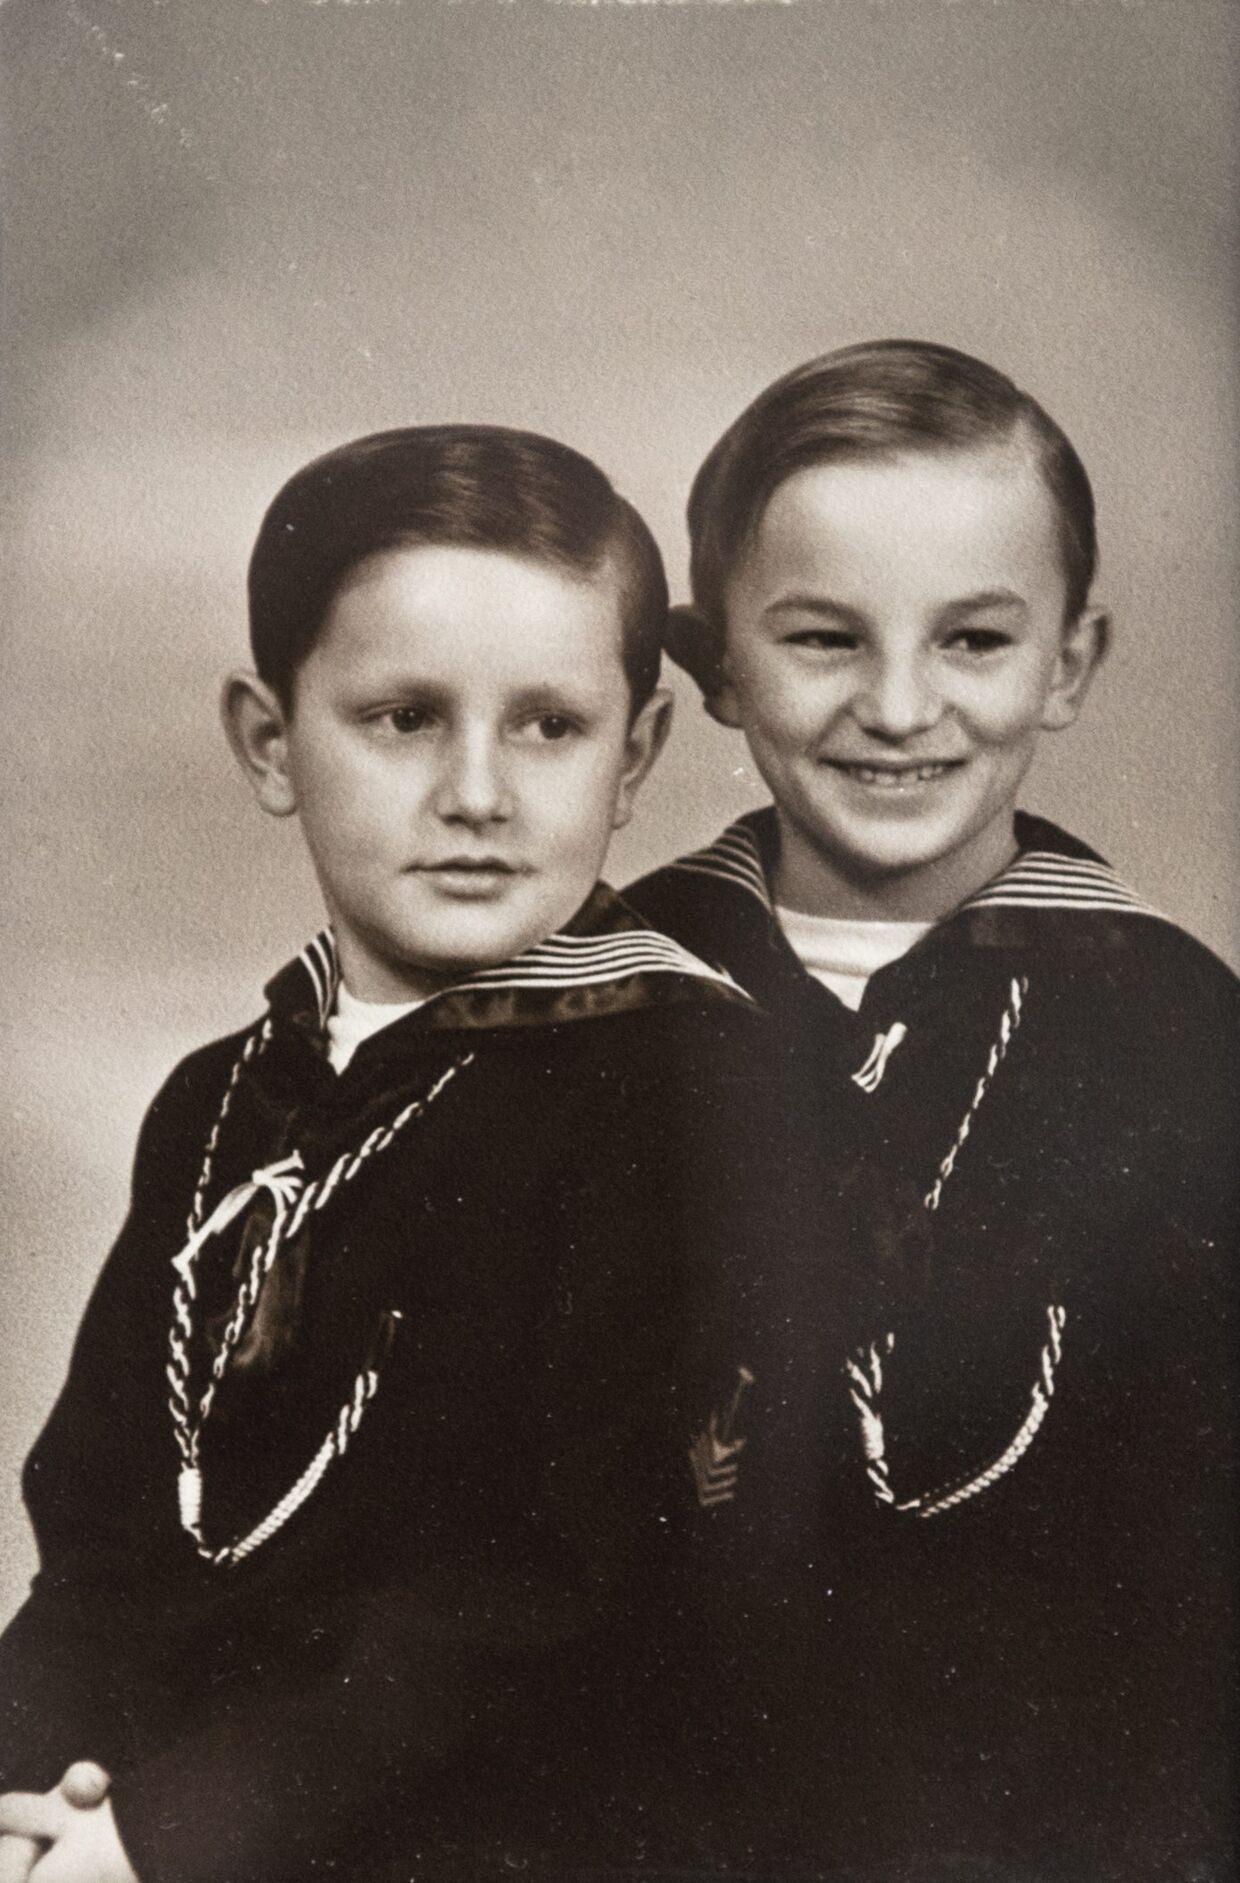 Kurt Hauptmann var kun syv år gammel, da han første gang kom til Danmark. Her ses han sammen med et af de andre wiernerbørn, som fru Ingeborg Daell også havde i pleje. Foto: Christian Liliendahl